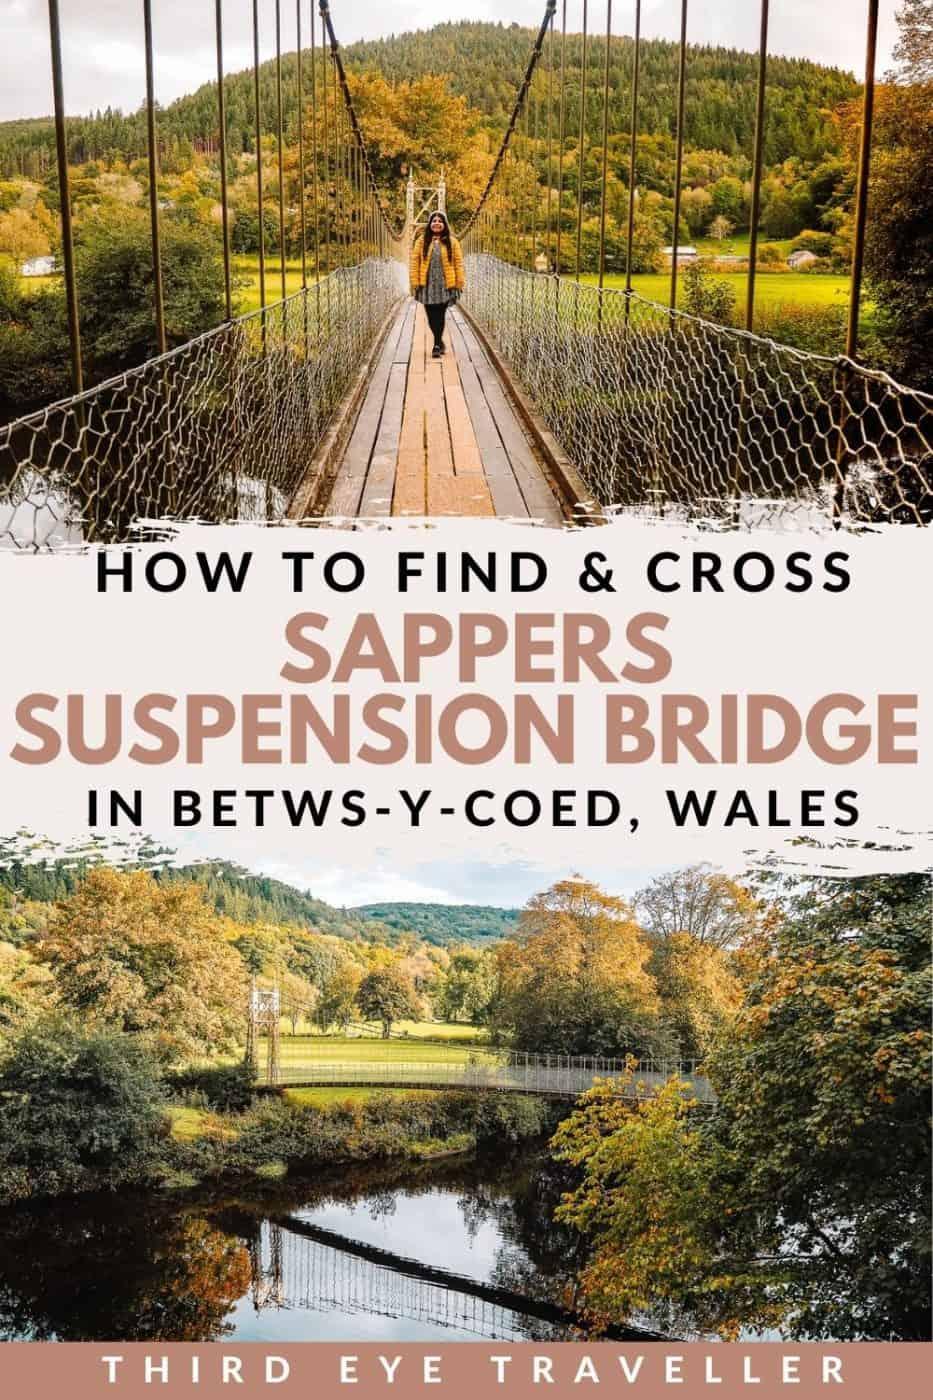 Sappers Suspension Bridge Betws-y-Coed Wales